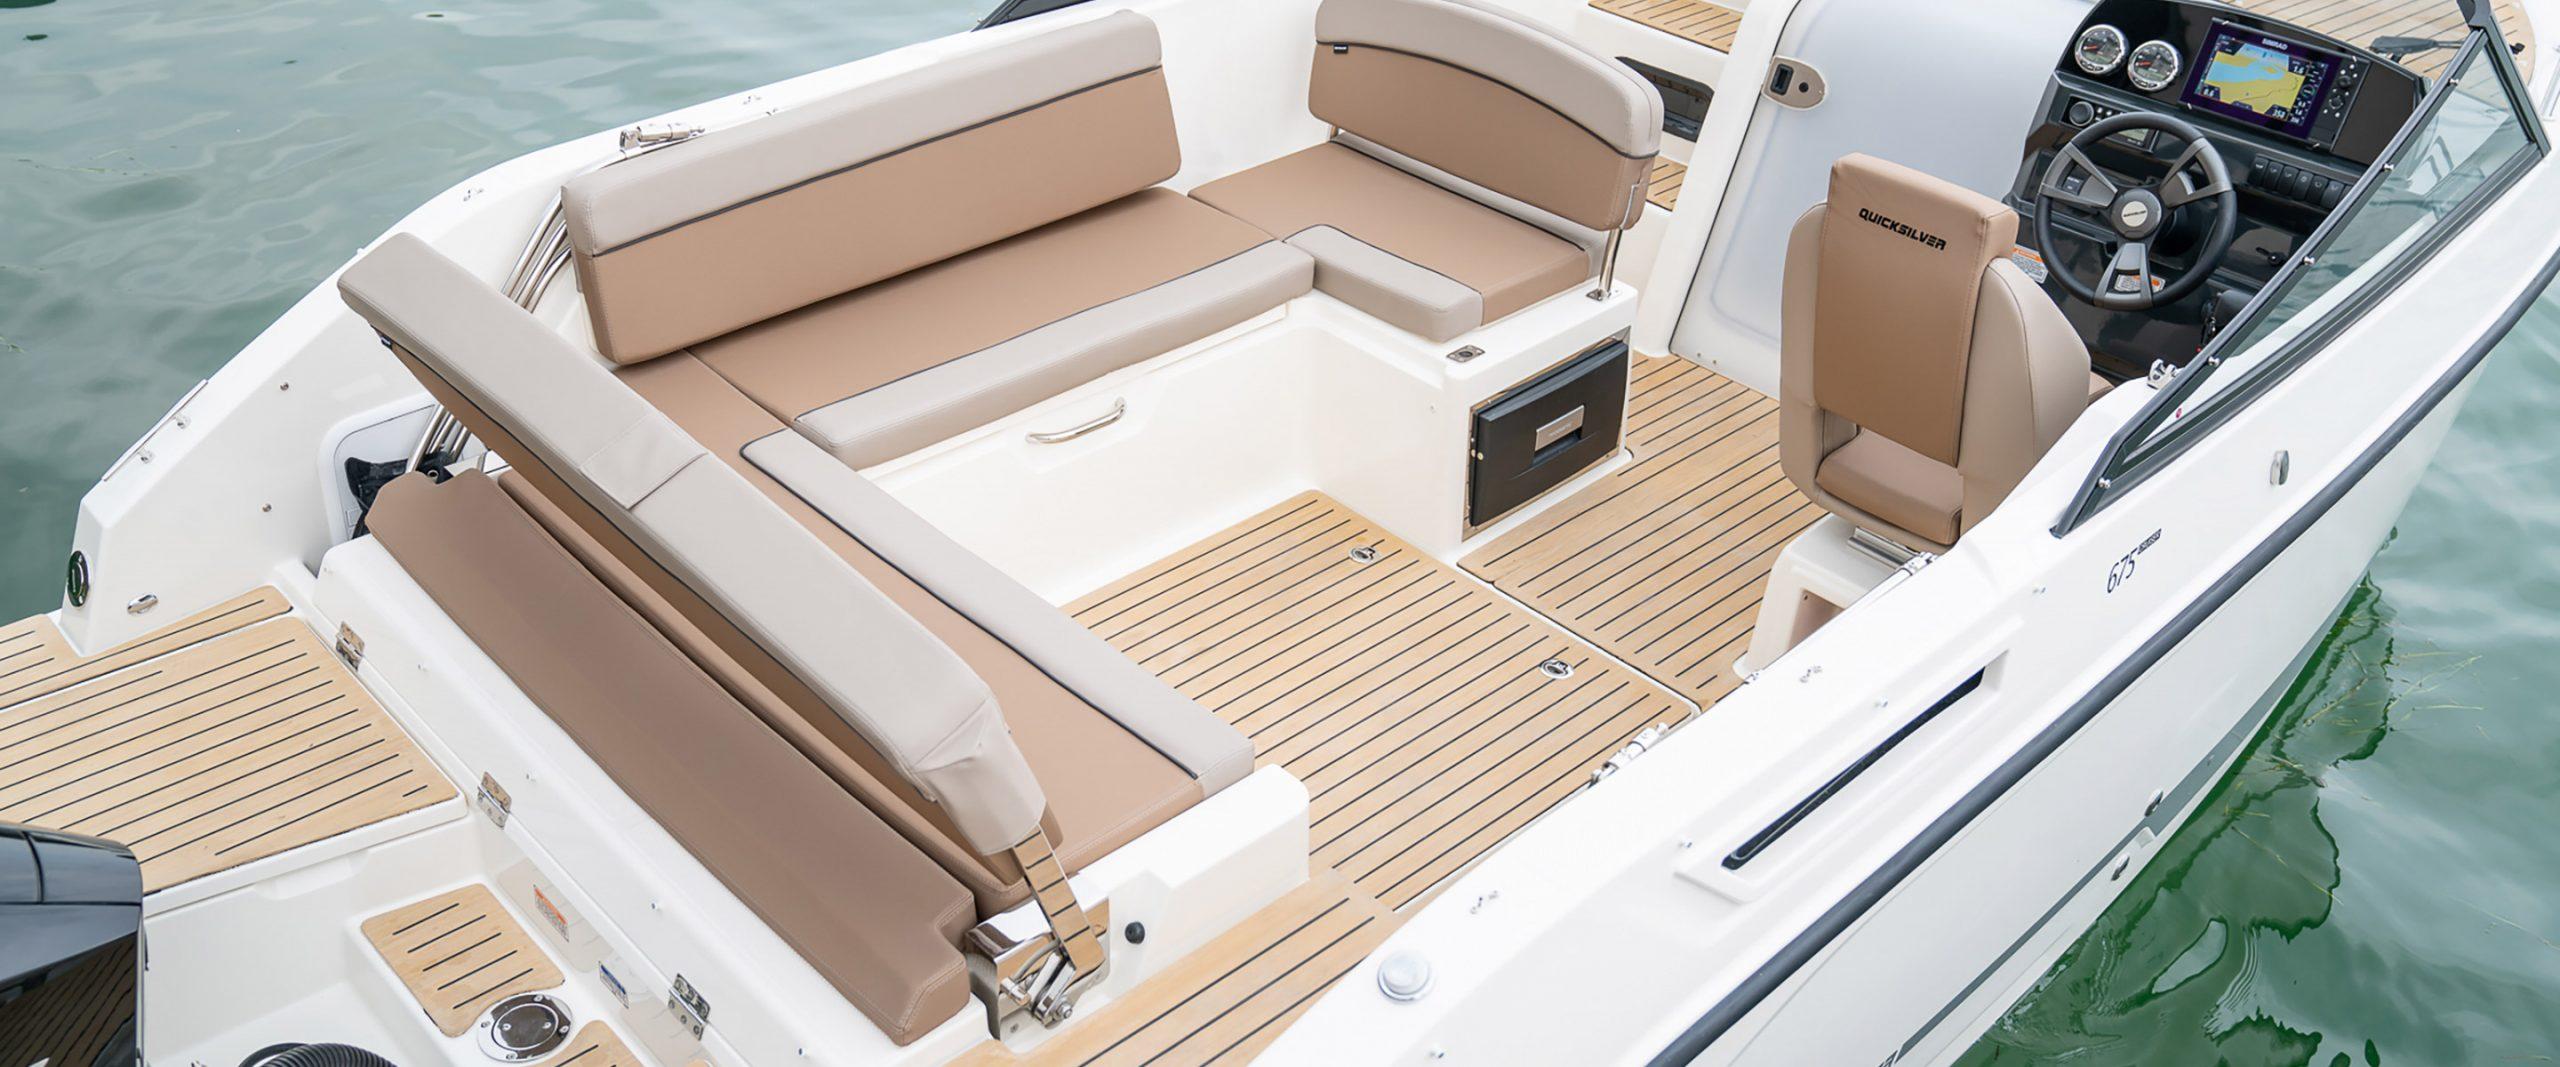 Sports Boats FAQs